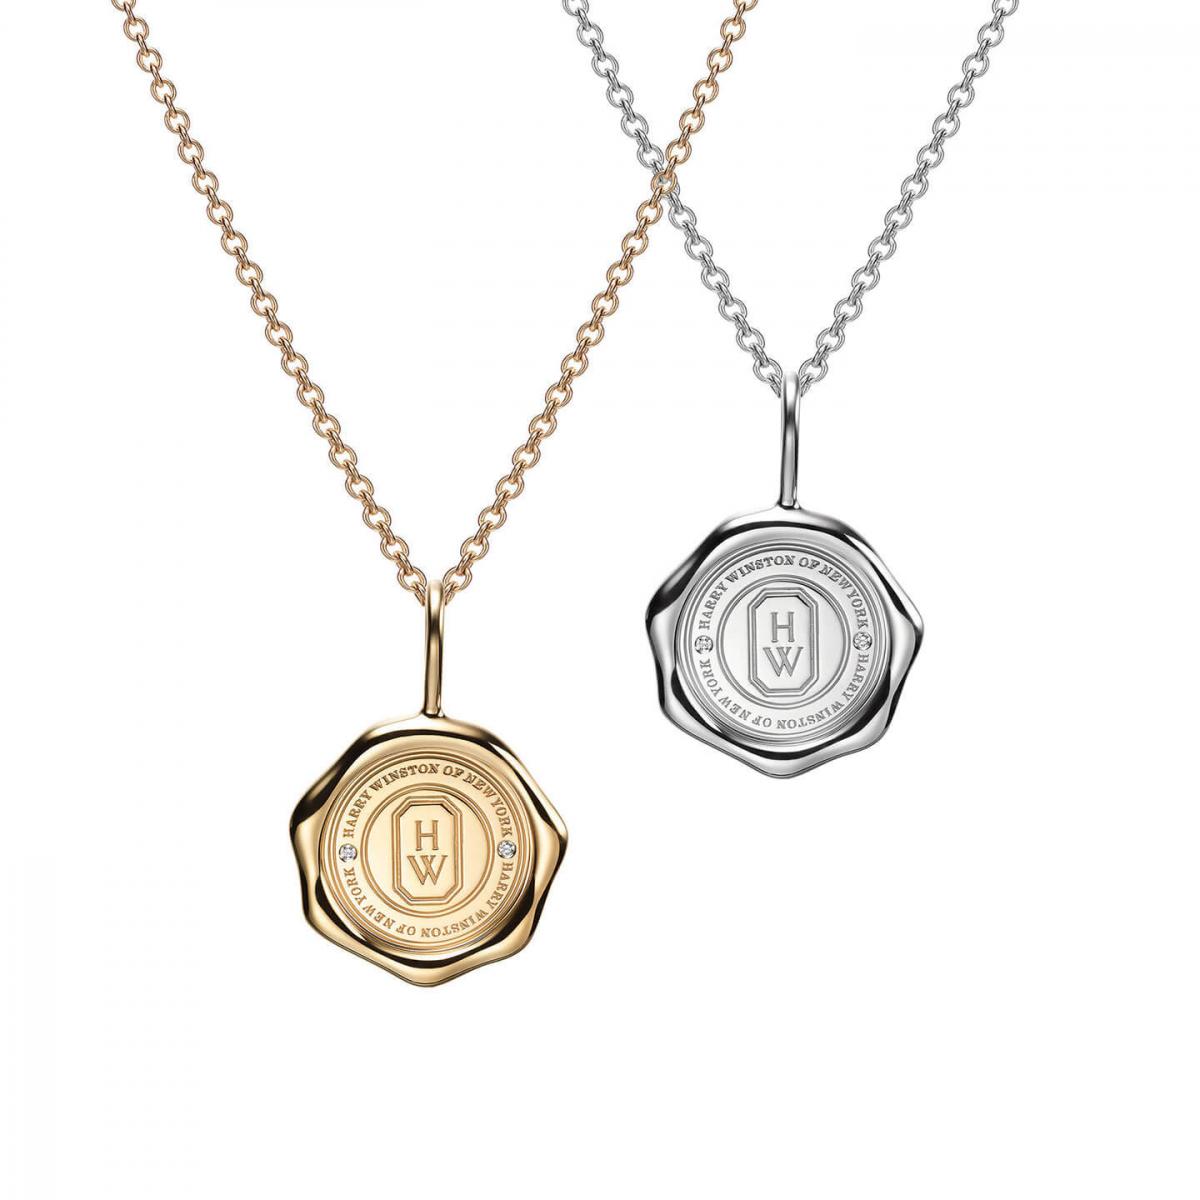 「シールド・バイ・ハリー・ウィンストン」チャーム〈PT、ダイヤモンド〉¥360,000・〈18KYG、ダイヤモンド〉¥290,000 ※チェーン別売